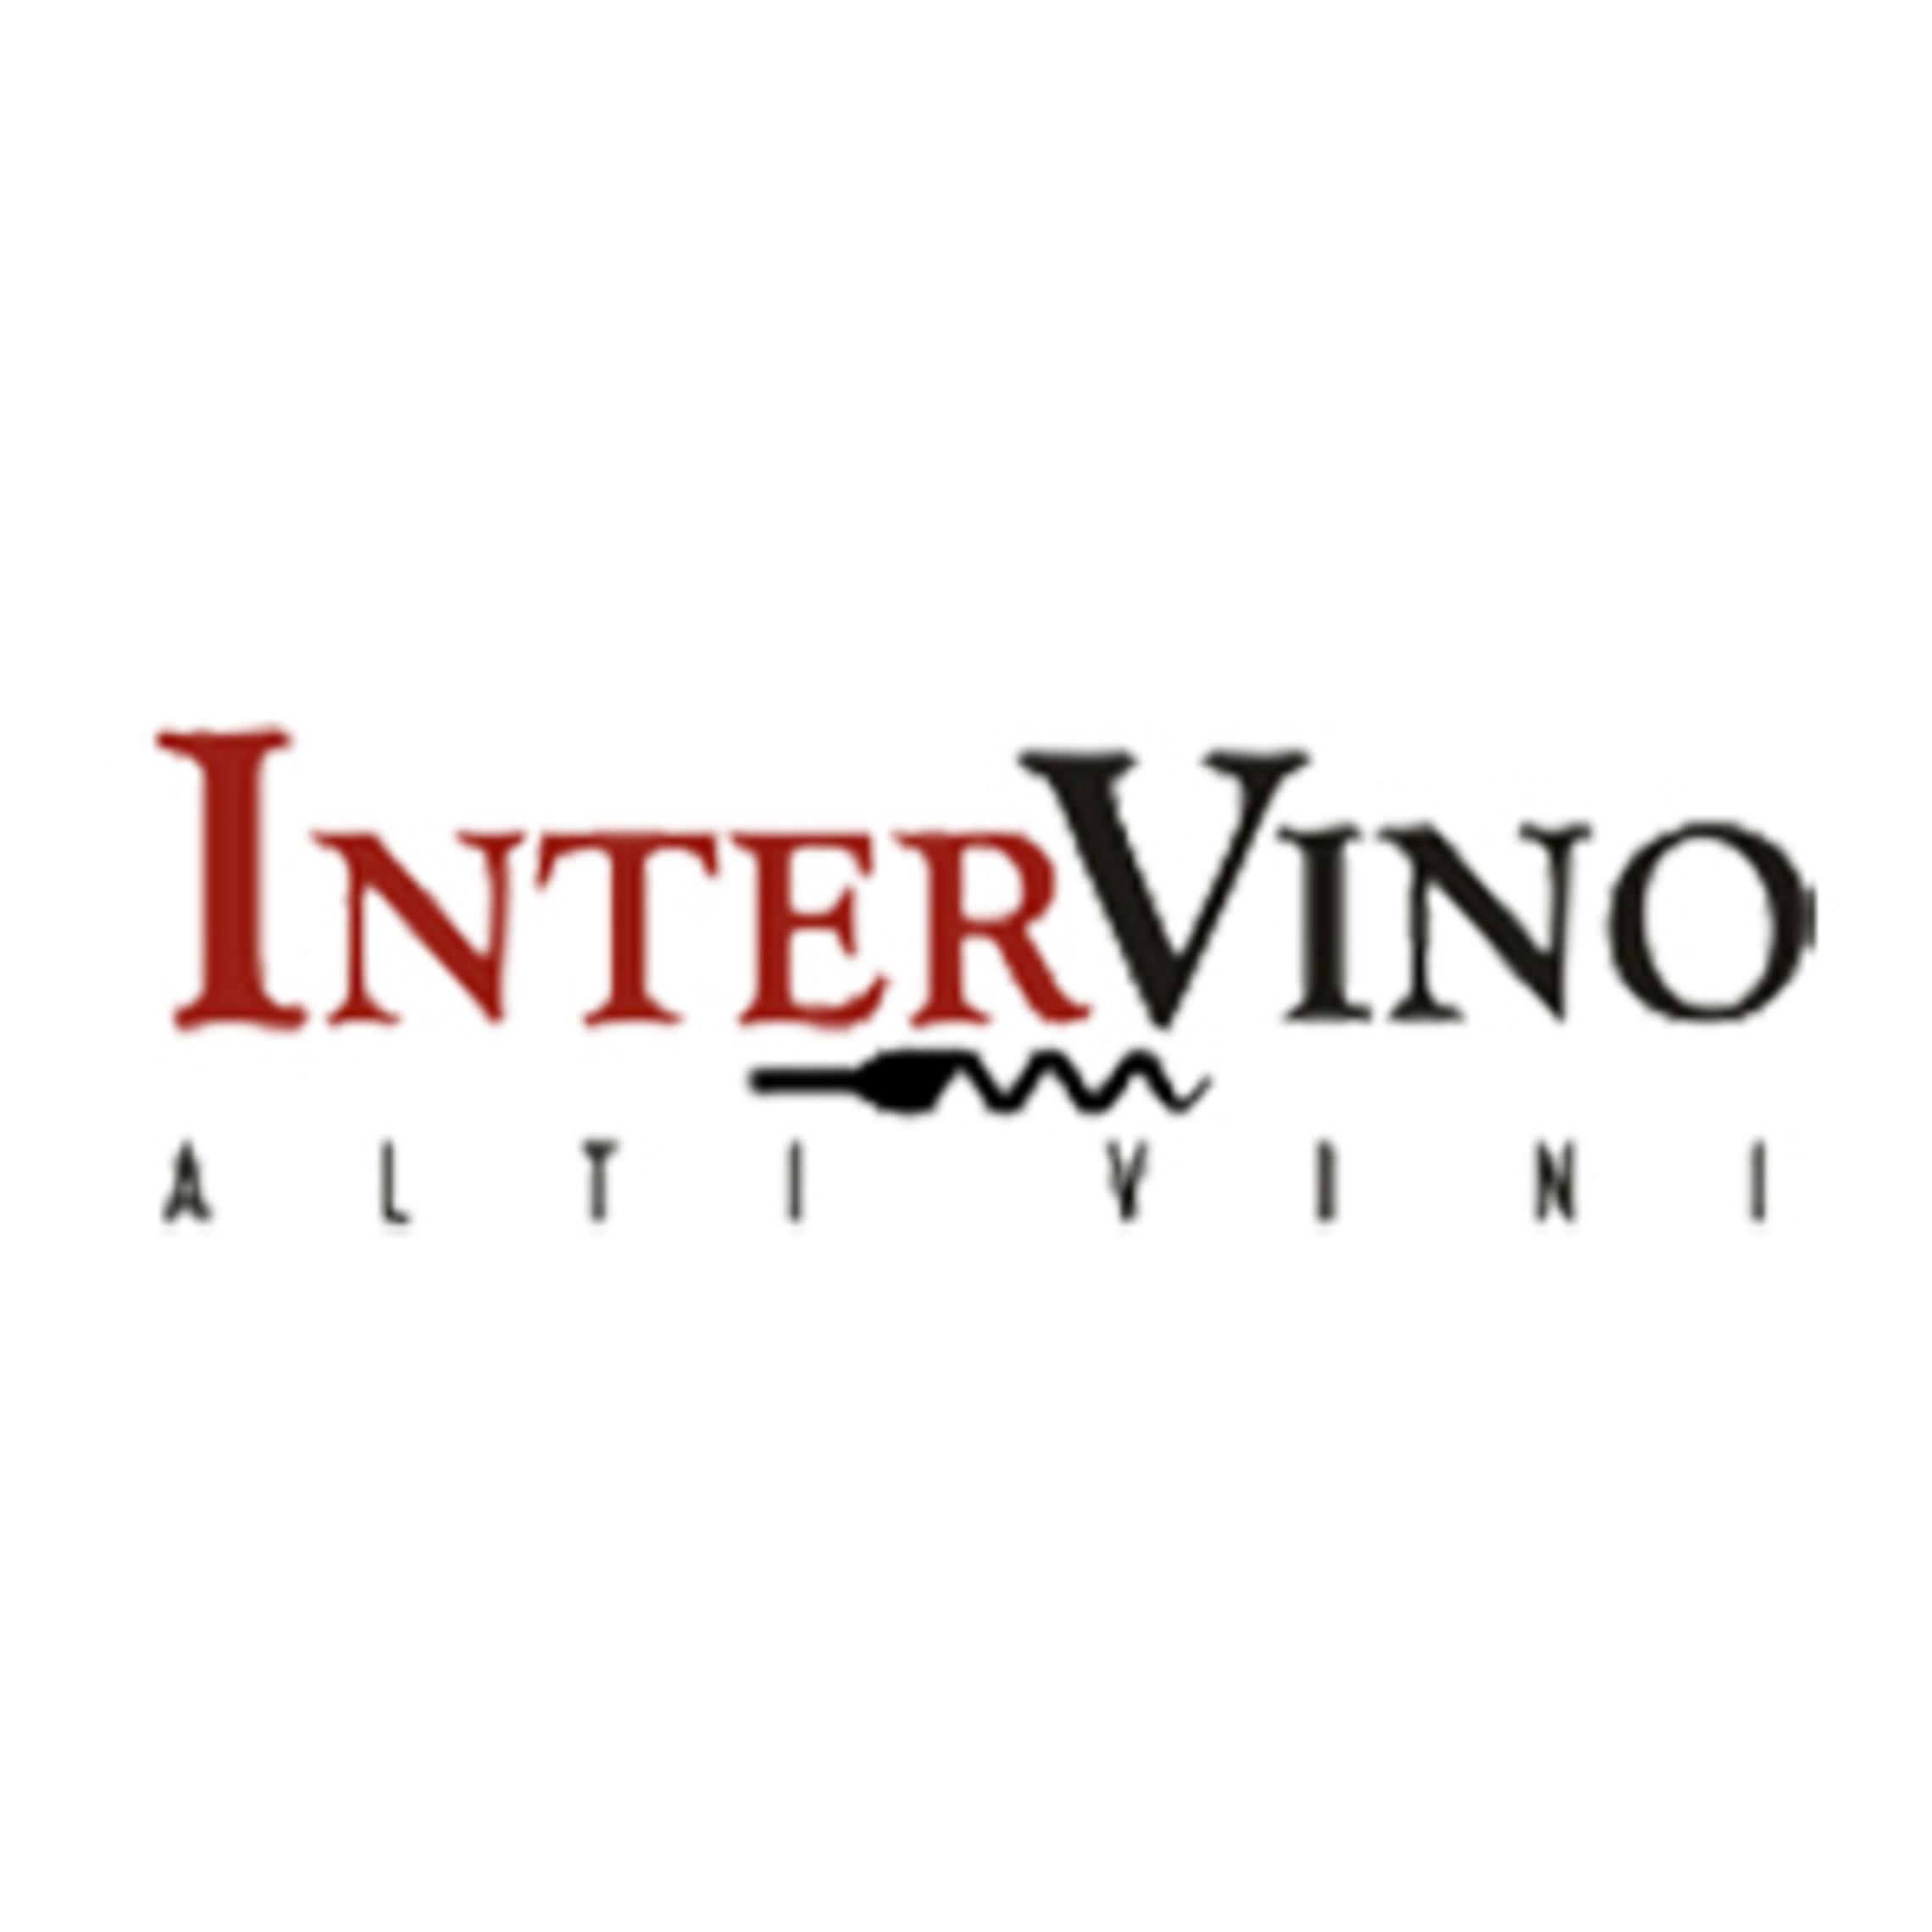 intervino- company logo